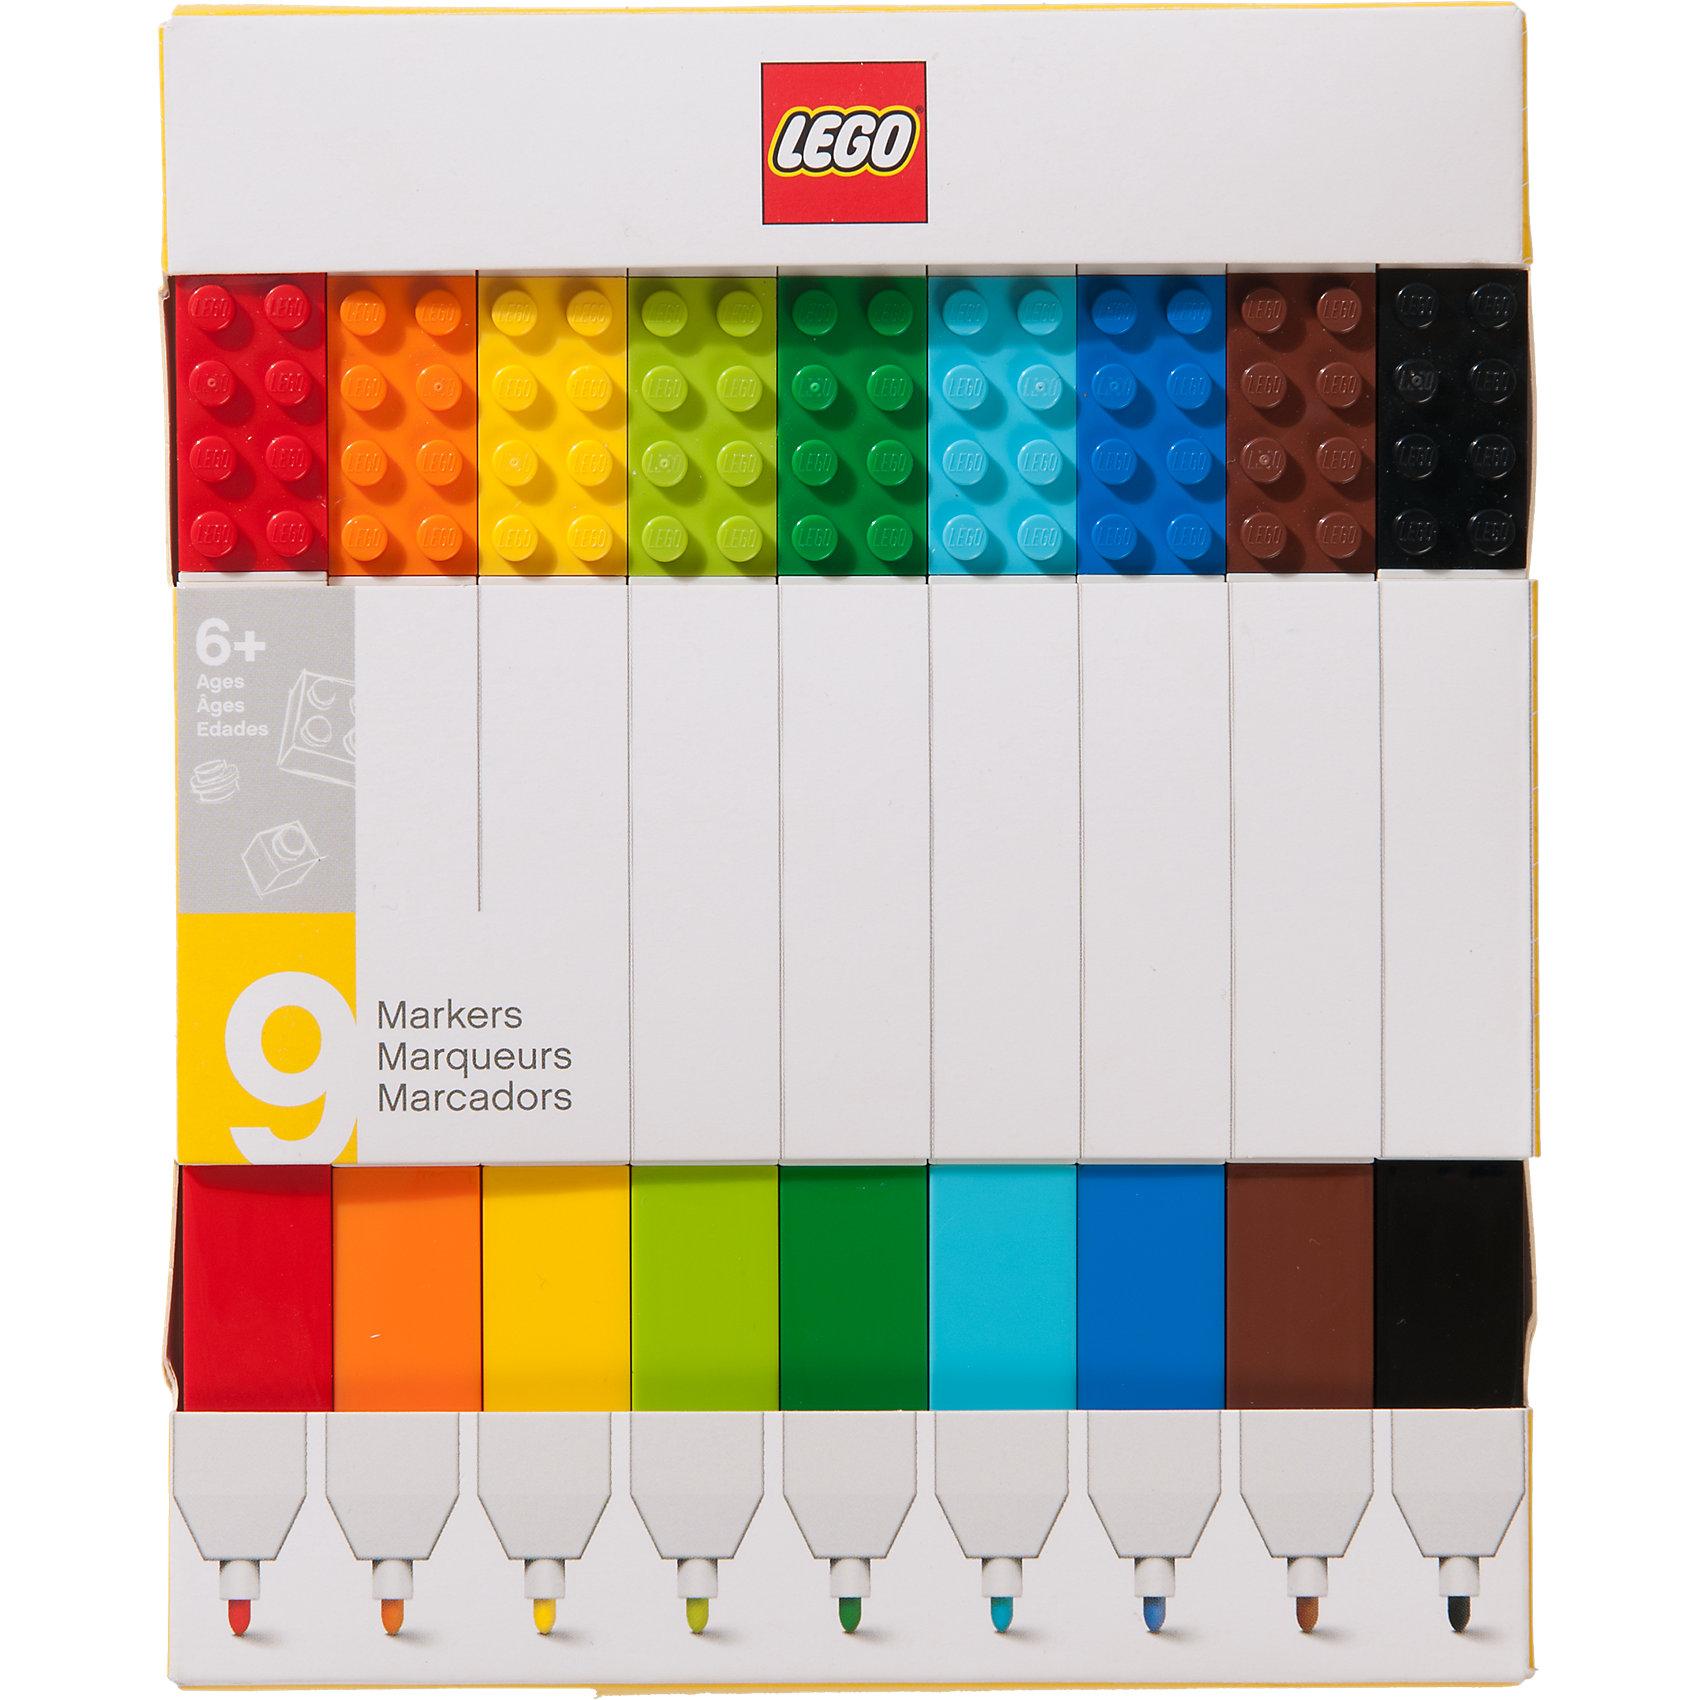 Набор цветных маркеров, 9 шт., LEGOLEGO Товары для фанатов<br>Набор маркеров из уникальной коллекции канцелярских принадлежностей LEGO состоит из 9-ти маркеров (цвета: красный, оранжевый, желтый, салатовый, зеленый, голубой, синий, коричневый, чёрный). Стержень маркера имеет закругленную форму, делая его безопасным для детей. Легко смываются с одежды и рук, изготовлены из экологически чистых материалов.<br><br>Ширина мм: 184<br>Глубина мм: 147<br>Высота мм: 22<br>Вес г: 149<br>Возраст от месяцев: 60<br>Возраст до месяцев: 144<br>Пол: Унисекс<br>Возраст: Детский<br>SKU: 5087582